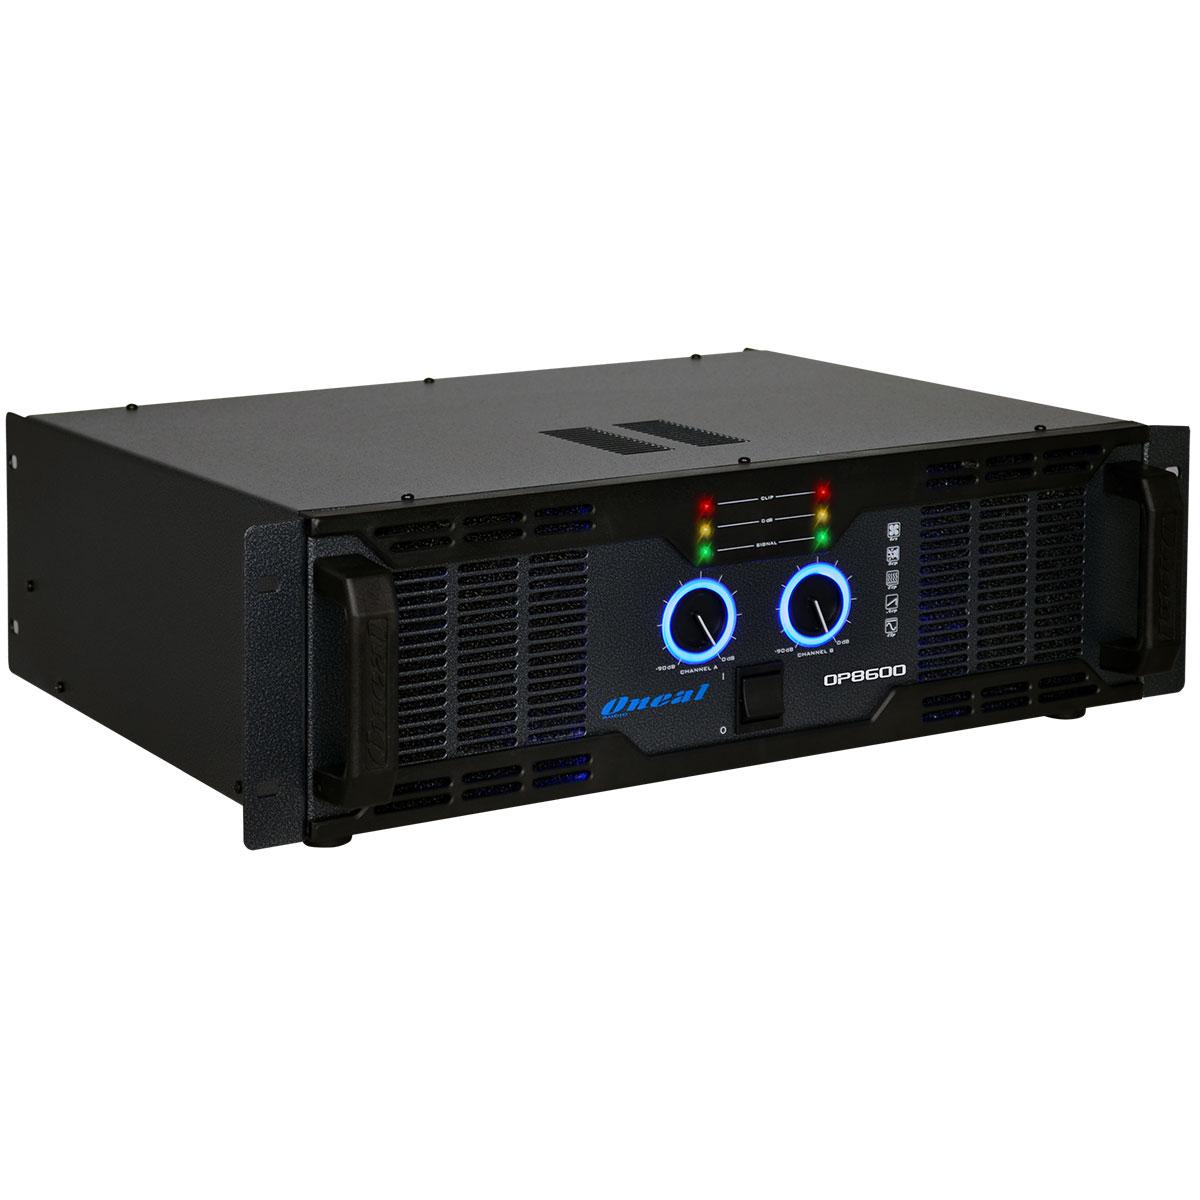 Amplificador Estéreo 2 Canais 2000W RMS ( Total ) OP 8600 - Oneal